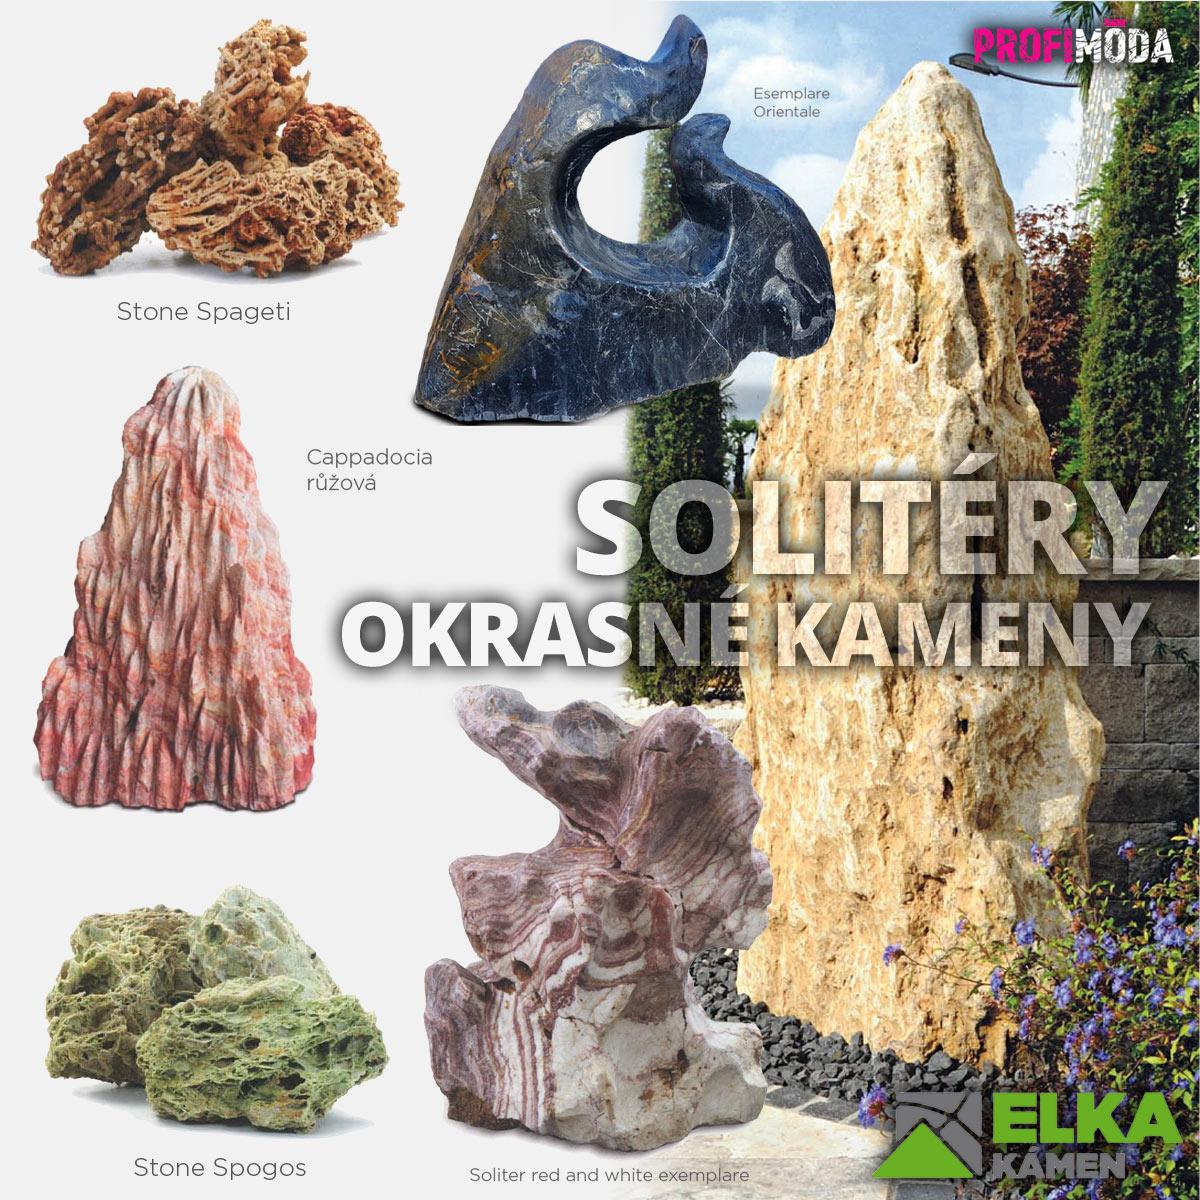 Okrasné kameny v podobě obřích solitérů či obelisků dokážou být pýchou zahrady.